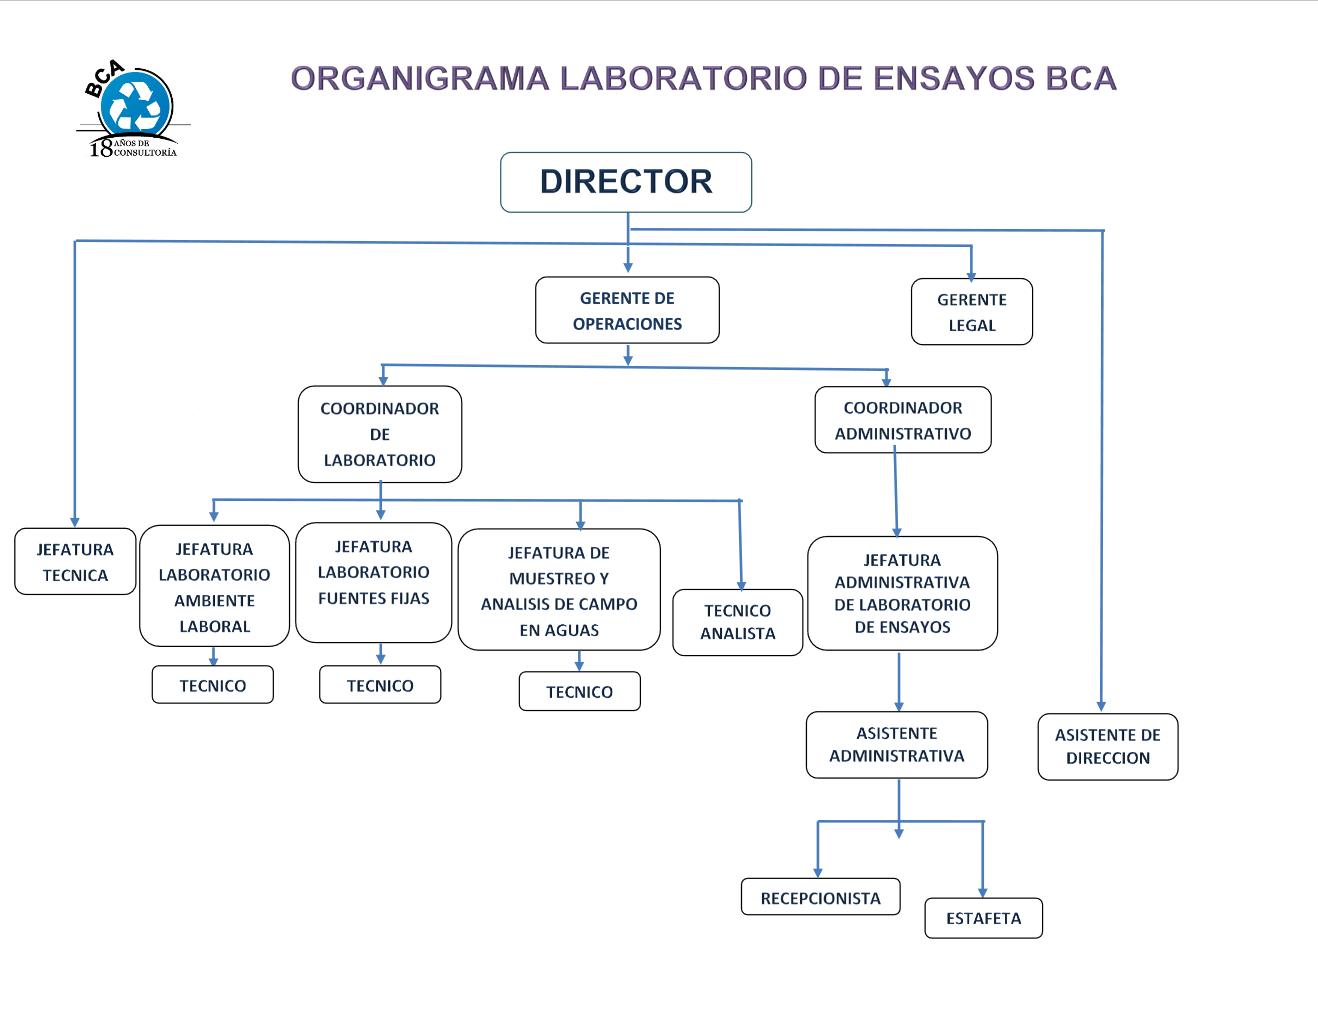 Organigrama Laboratorio de Ensayos.